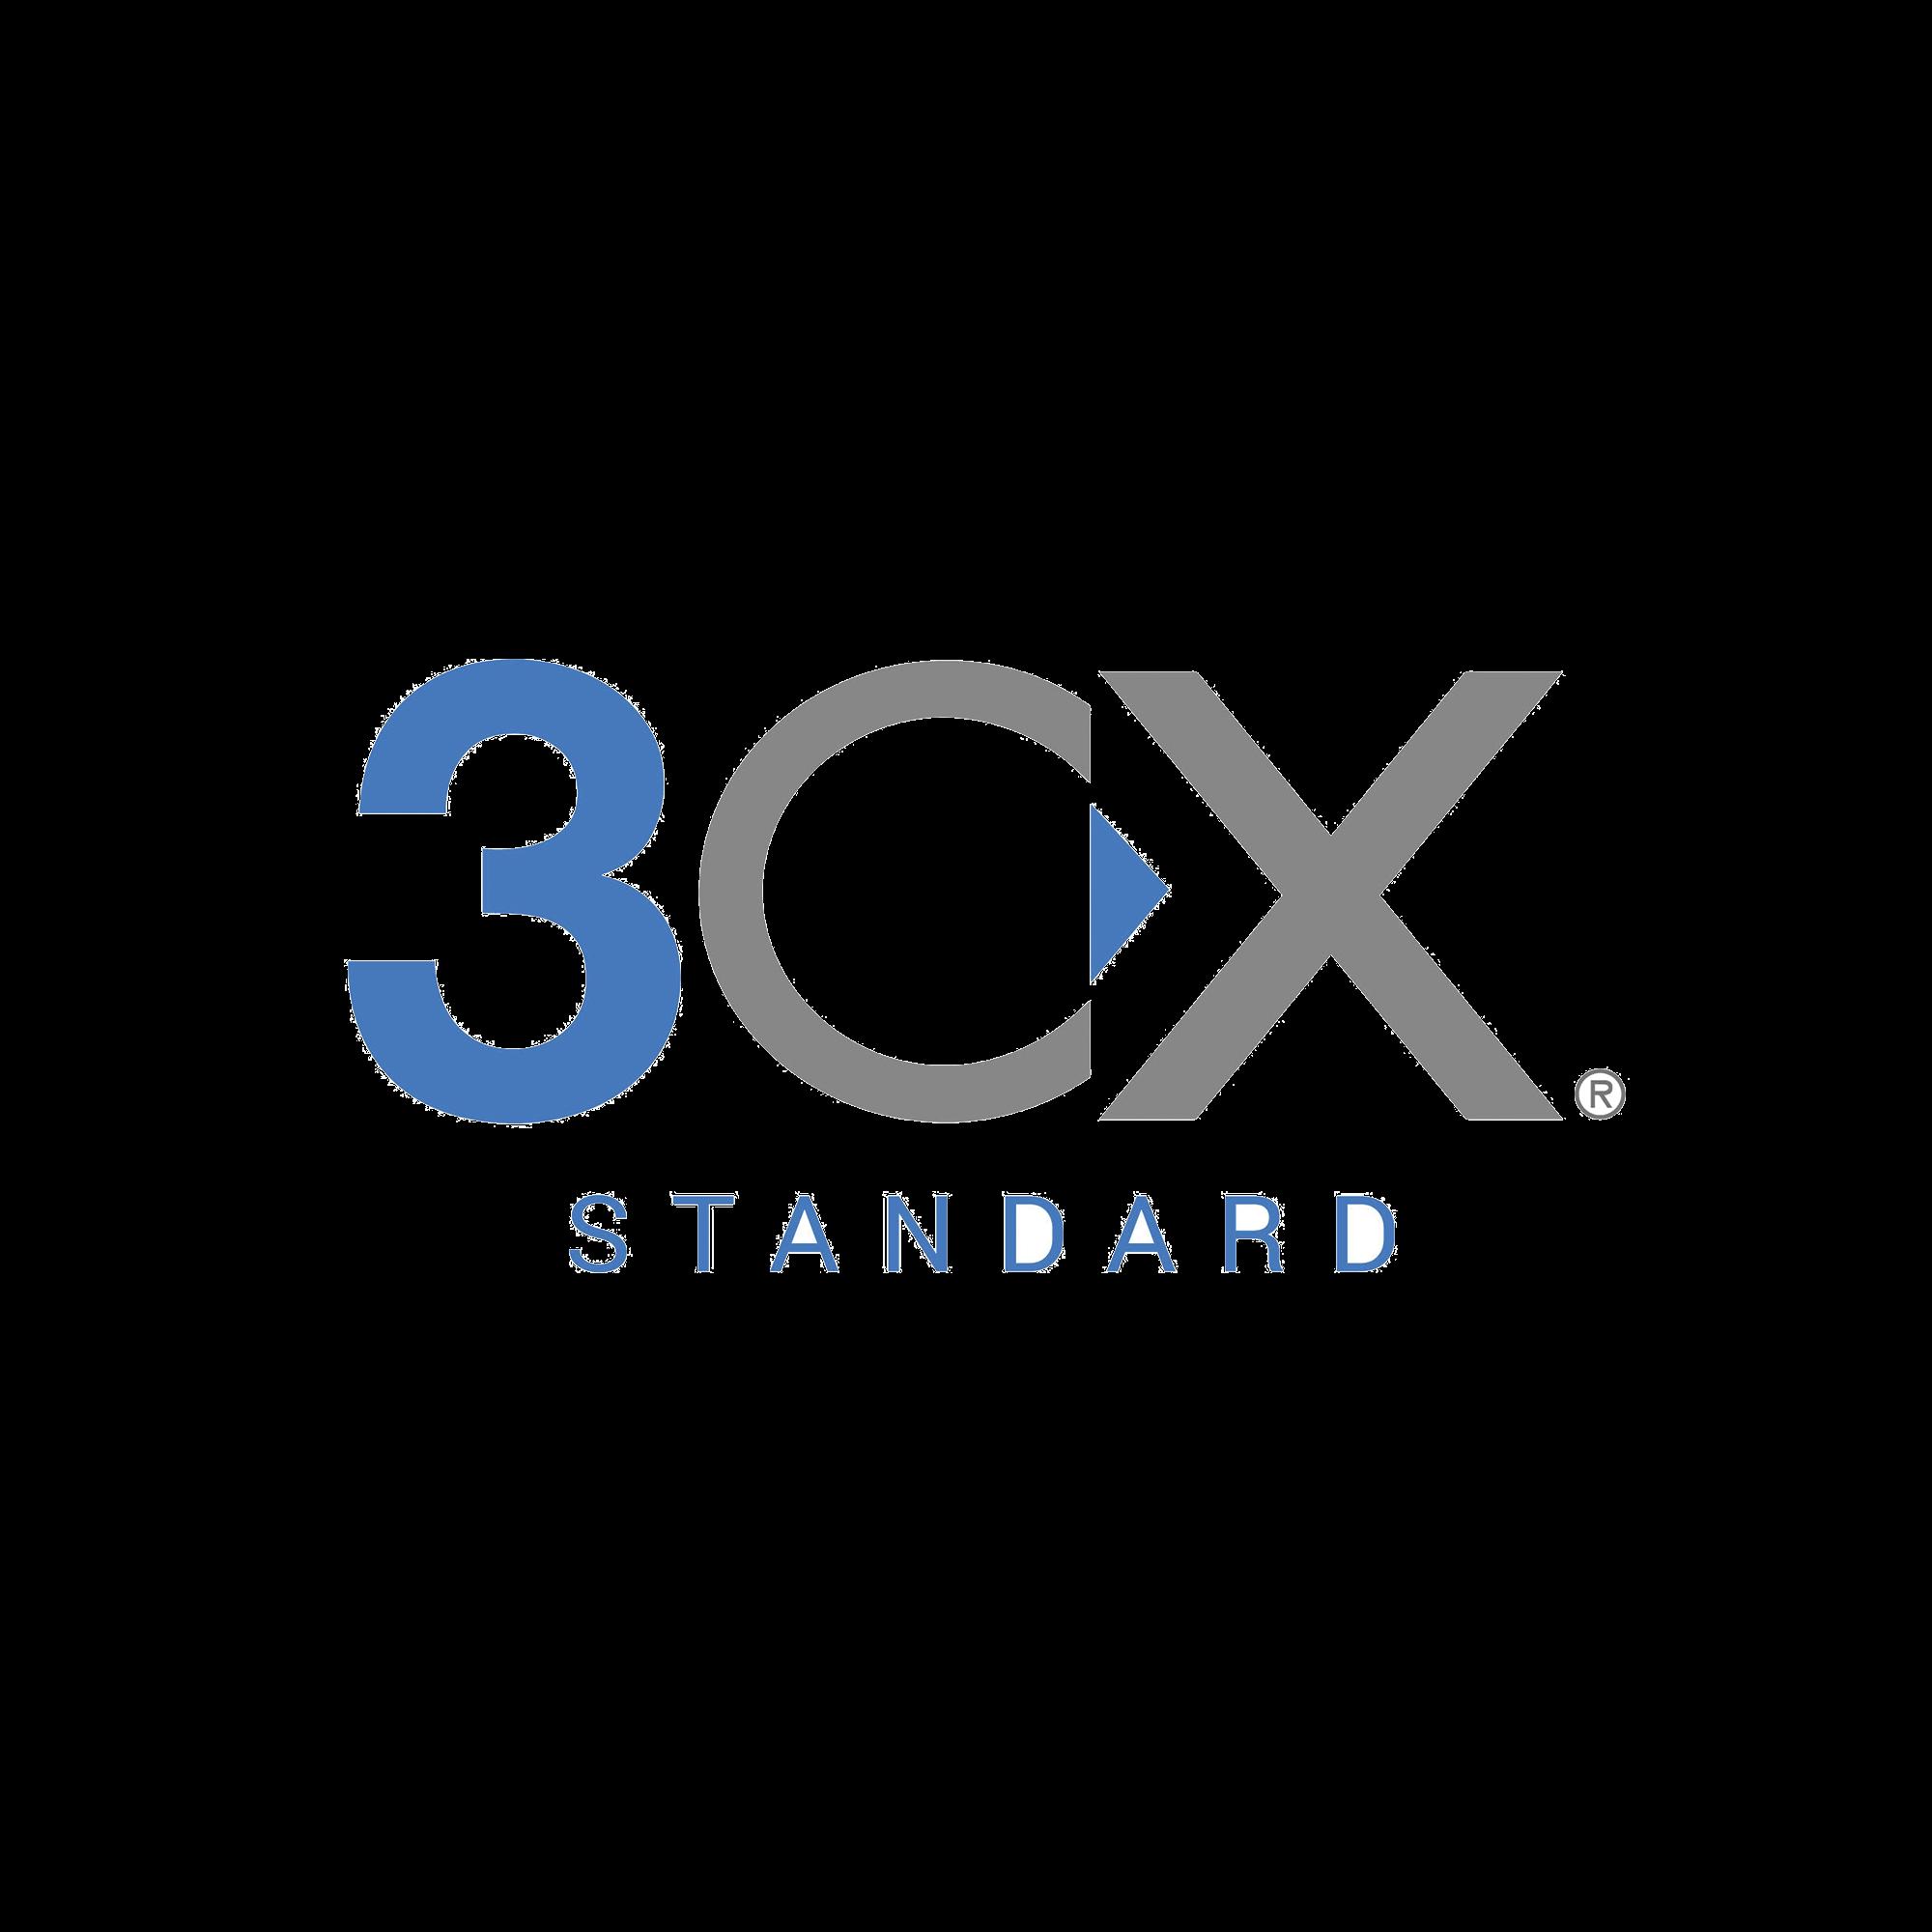 Licencia anual de 3CX Standard para 128 llamadas simultáneas y extensiones ilimitadas